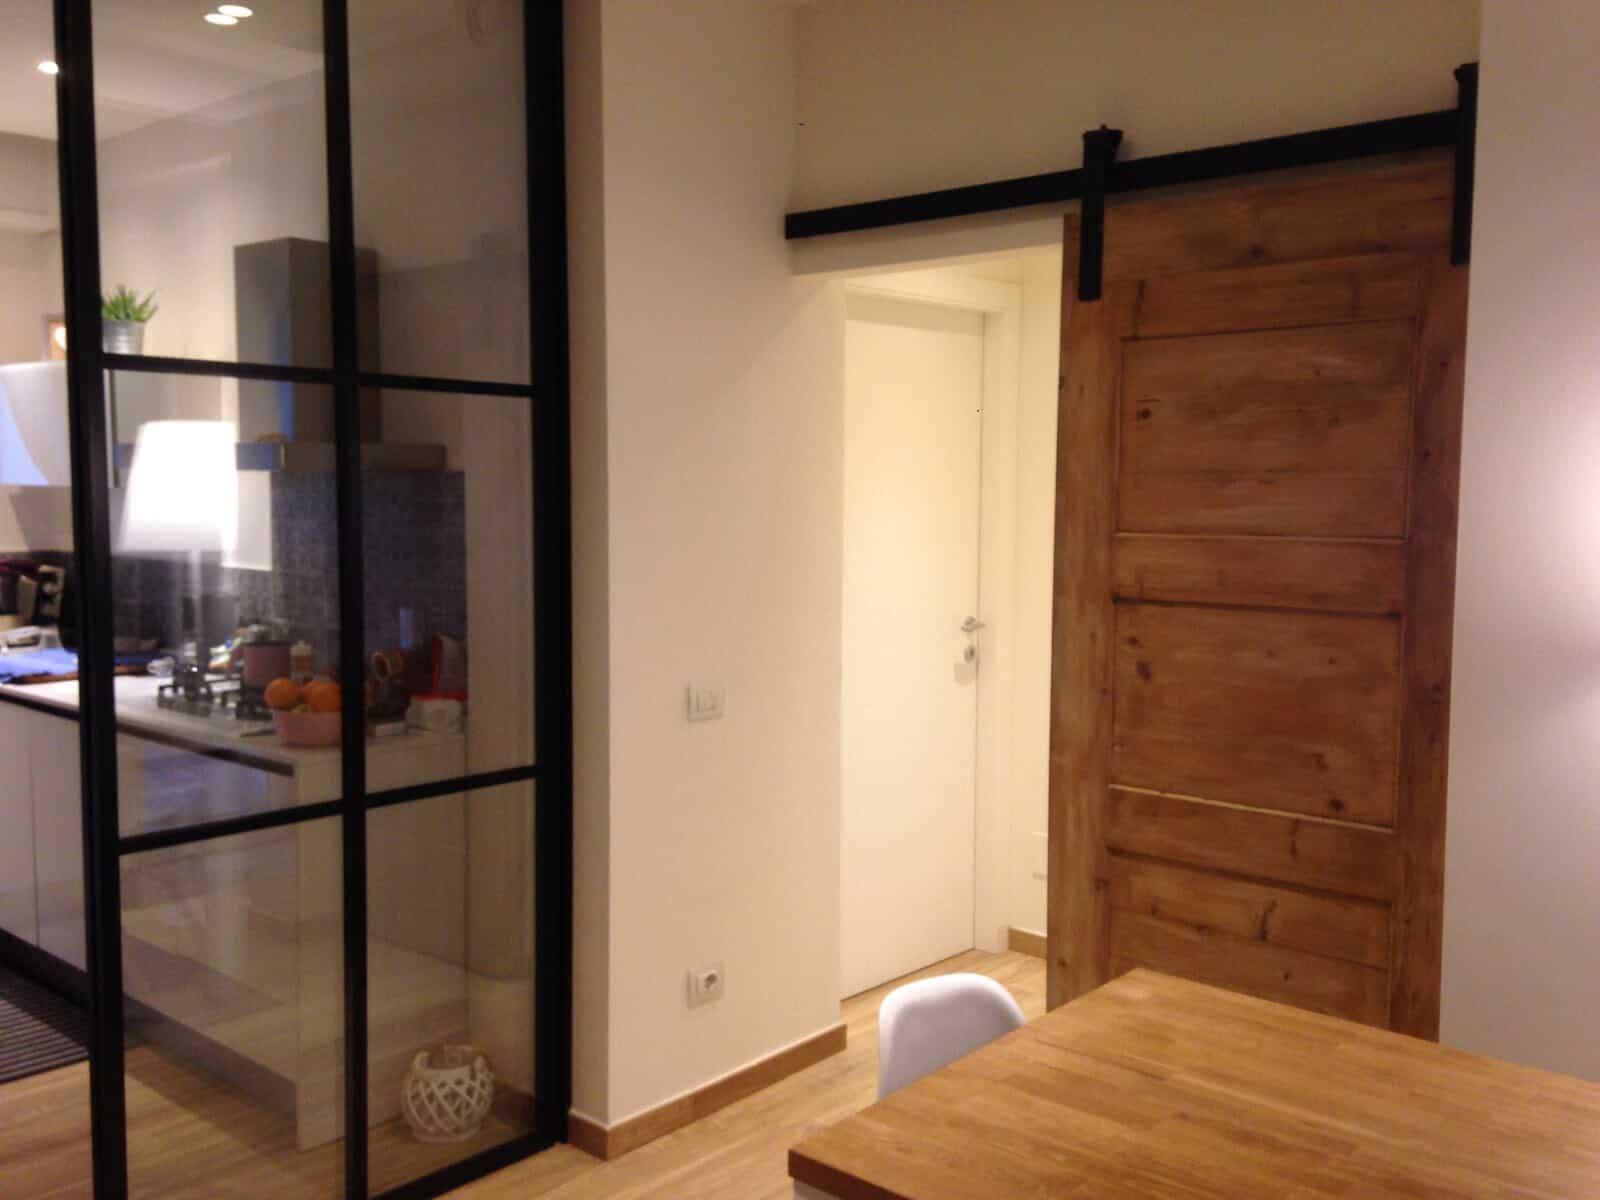 Appartamento stile industriale con porta scorrevole - Porta scorrevole esterno muro prezzo ...